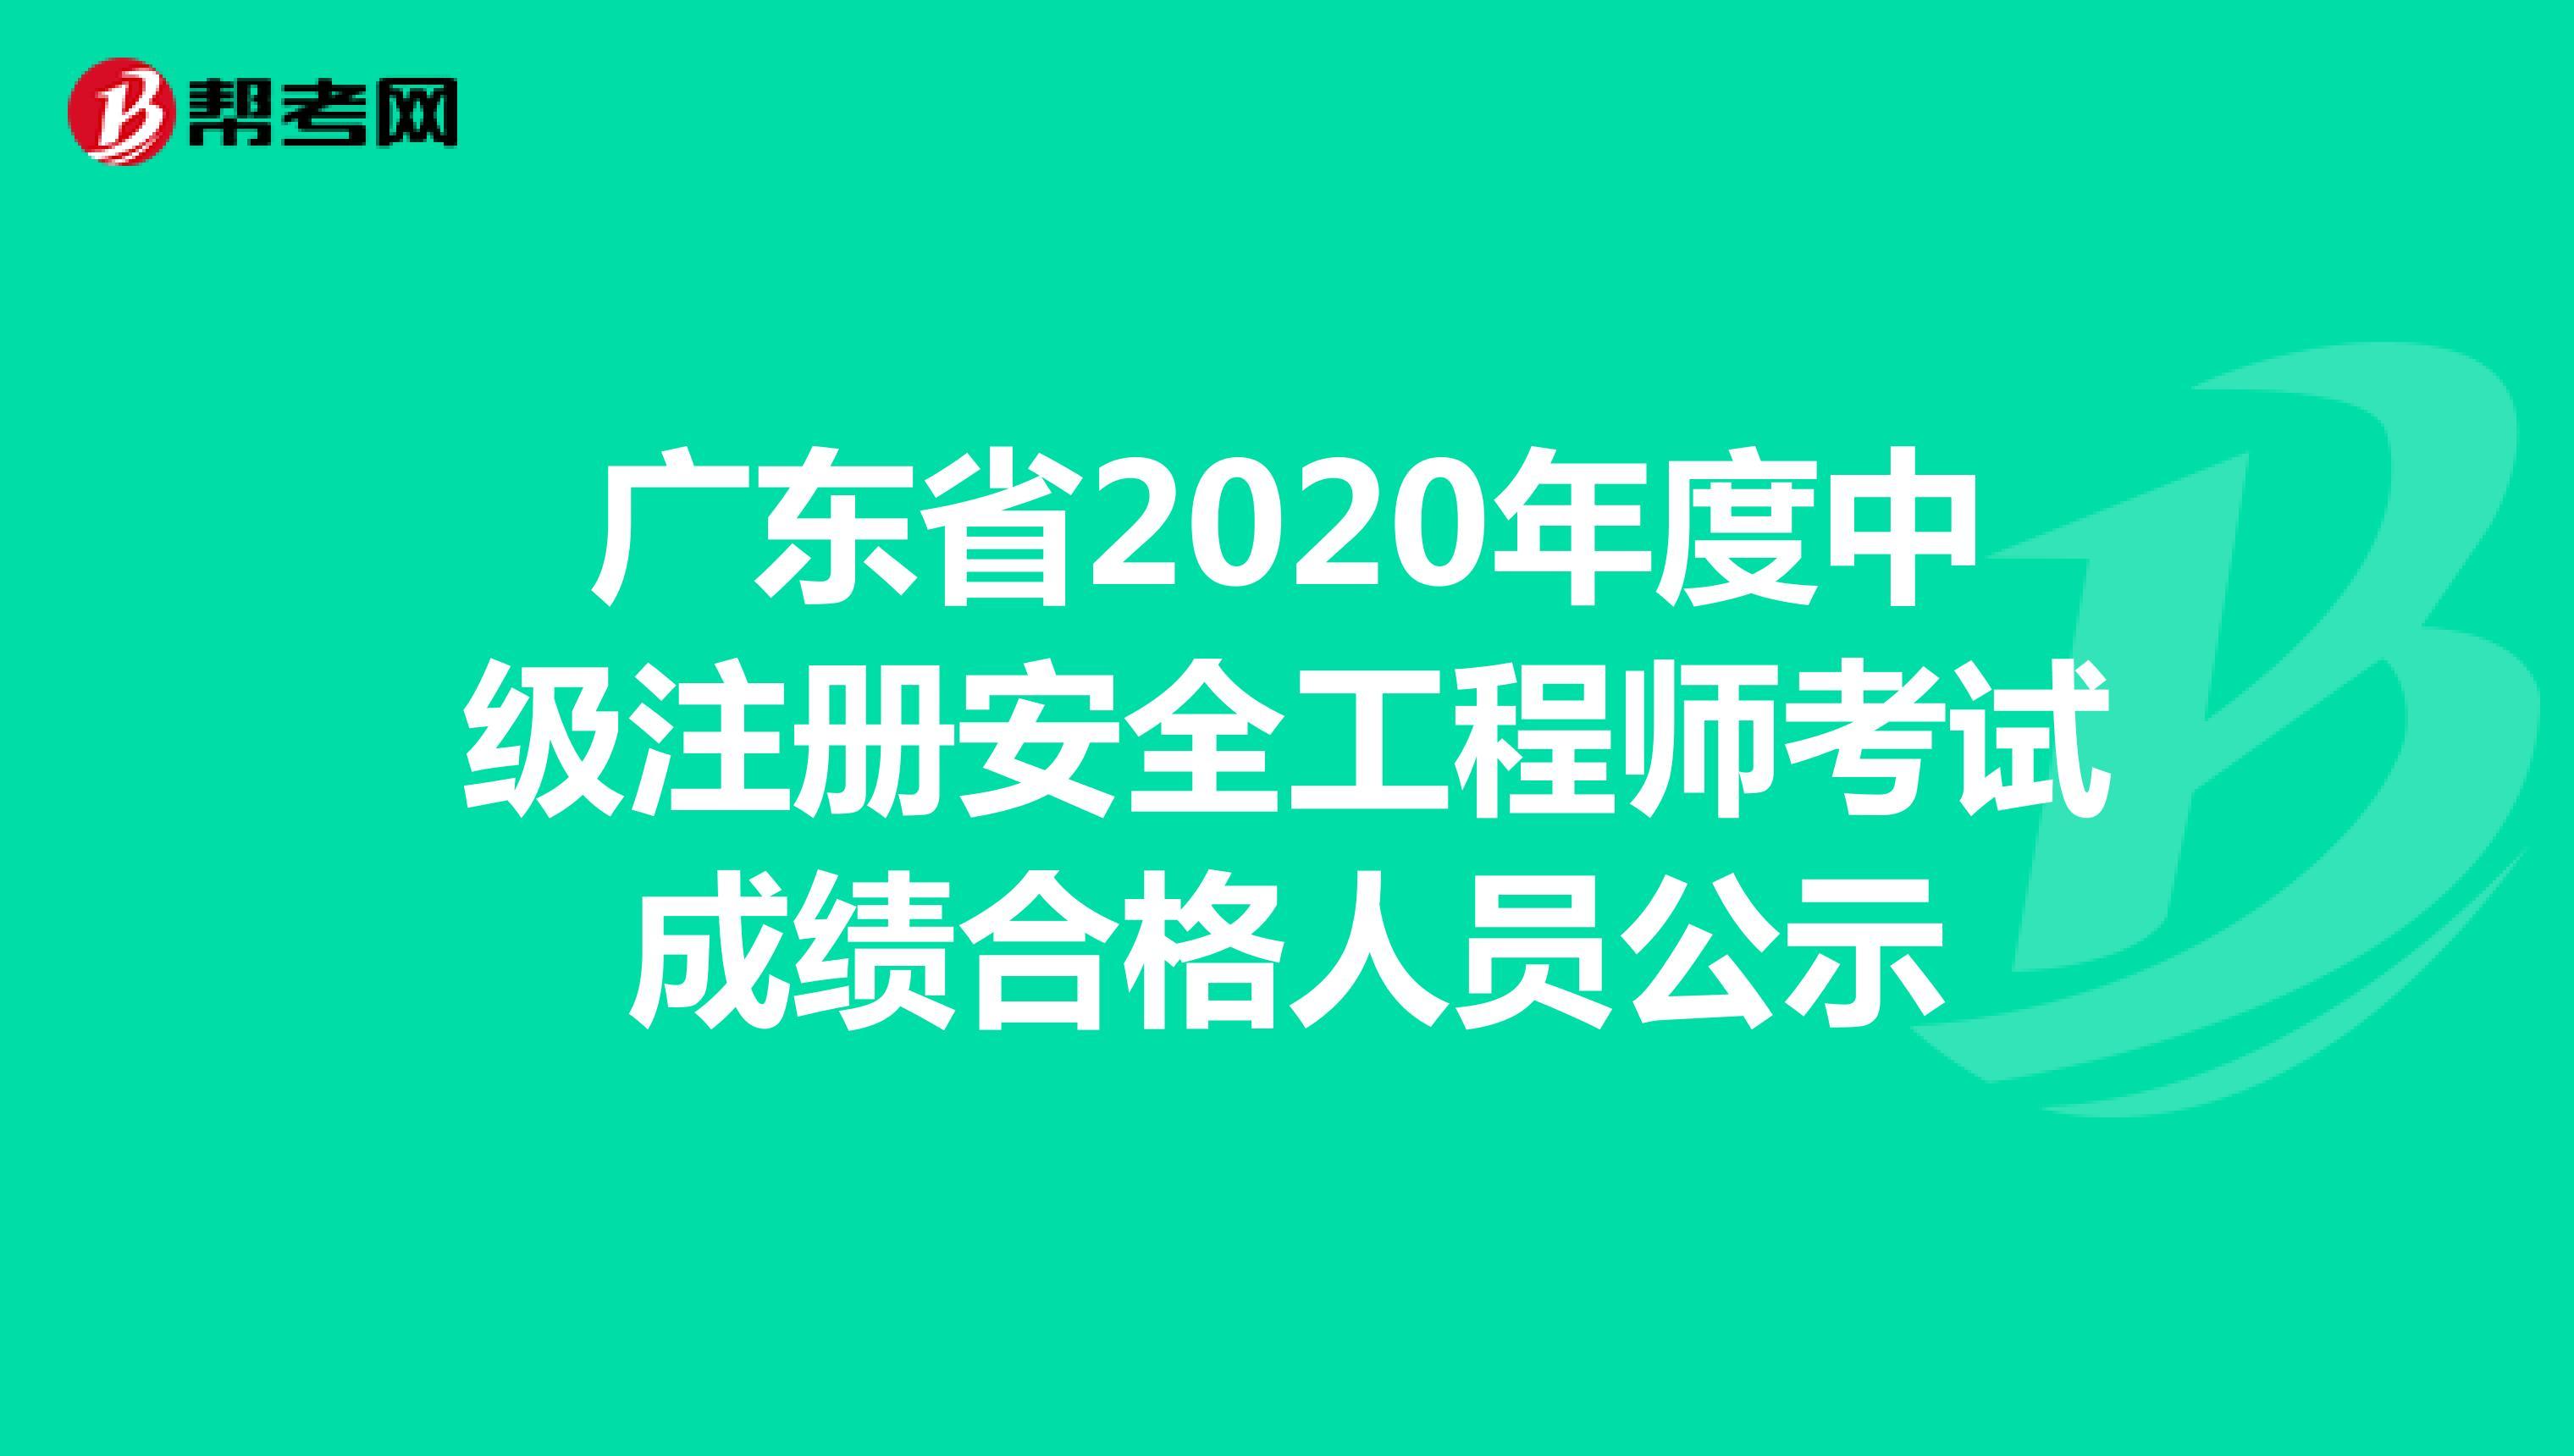 广东省2020年度中级注册安全工程师考试成绩合格人员公示